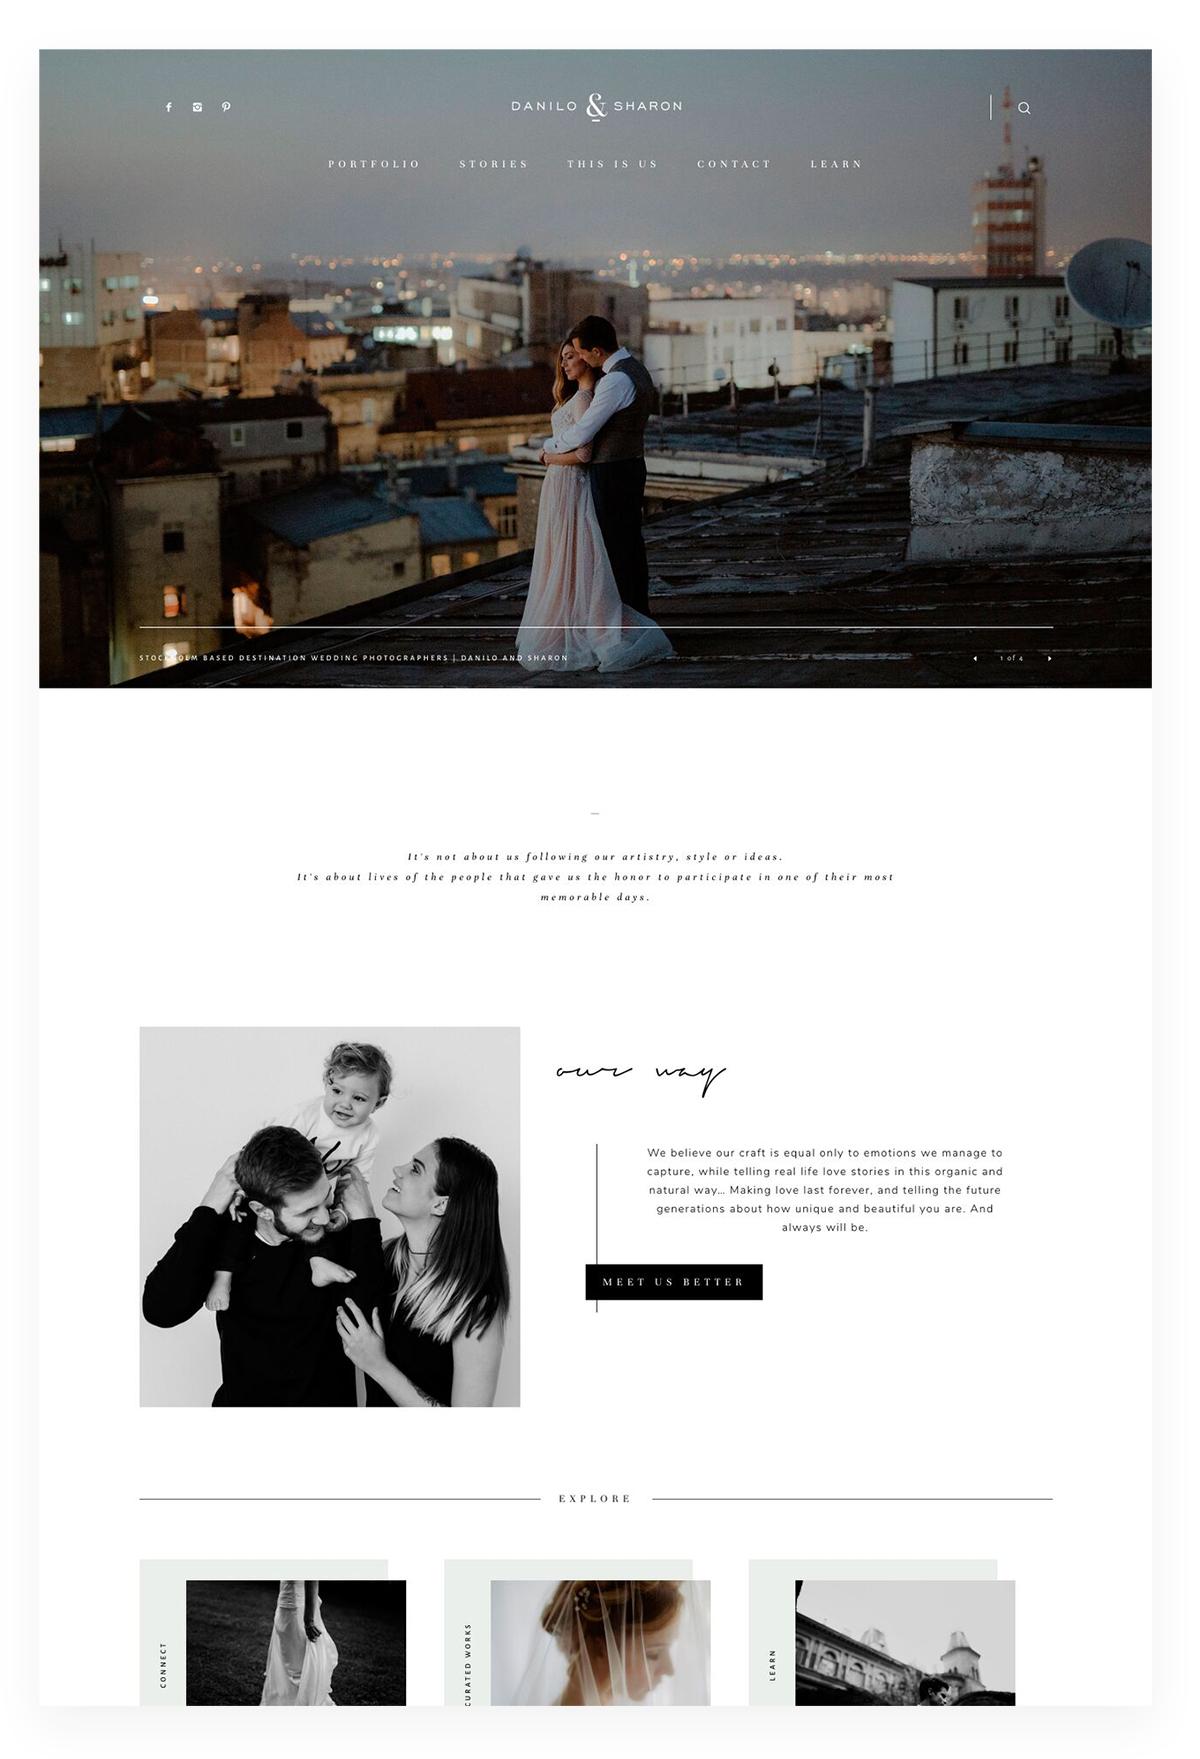 Danilo & Sharon - thiết kế website studio